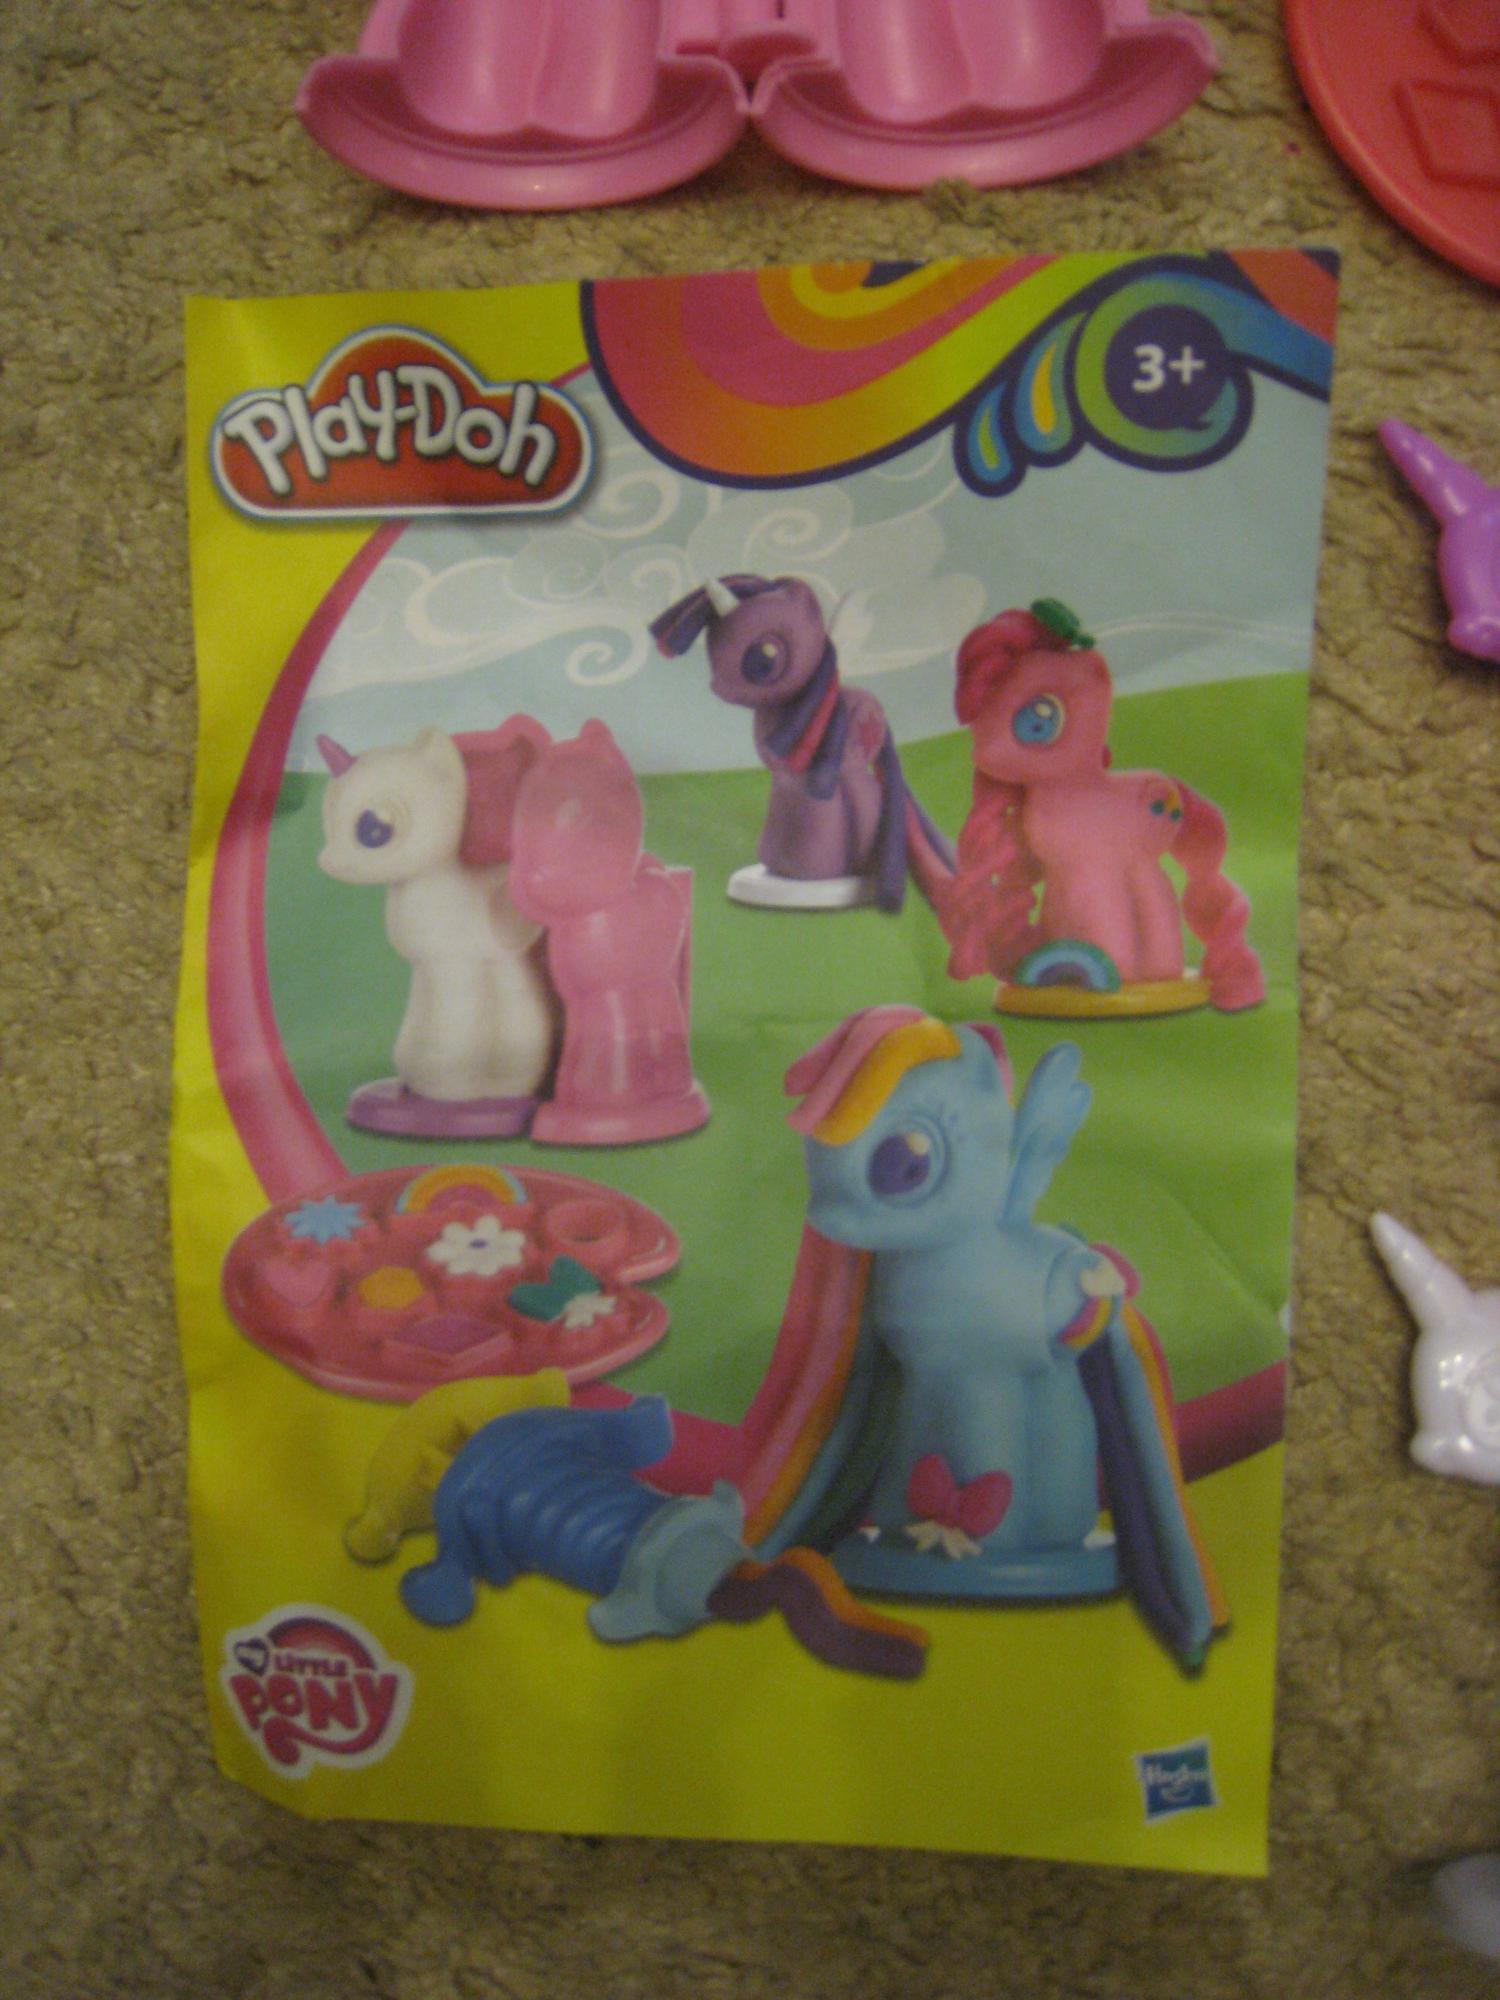 Набор Play-Doh Создай любимую пони в Москве 89161988278 купить 3